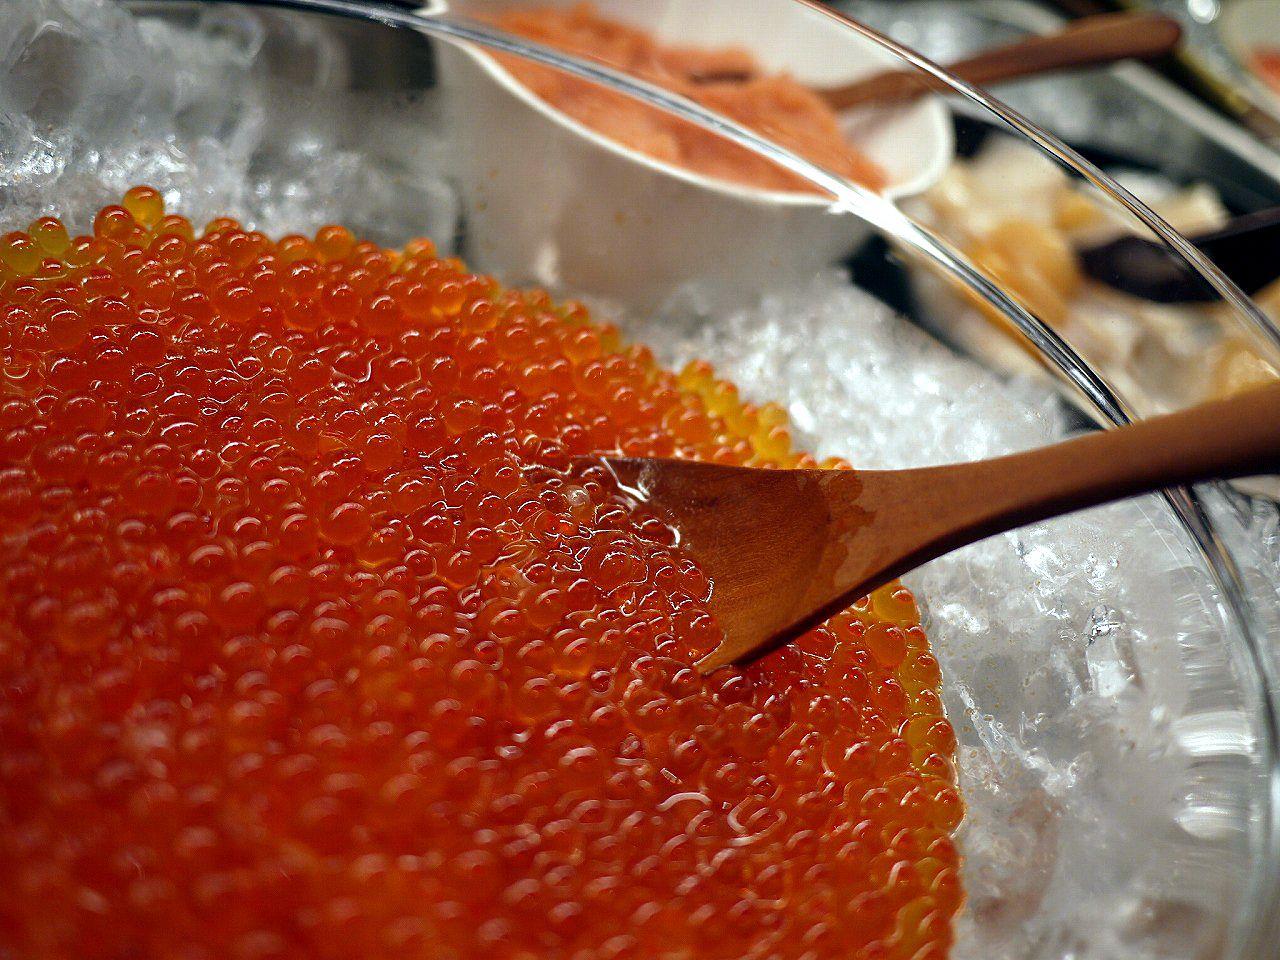 朝から北海道グルメを食べつくせ!ベッセルホテルカンパーナすすきの